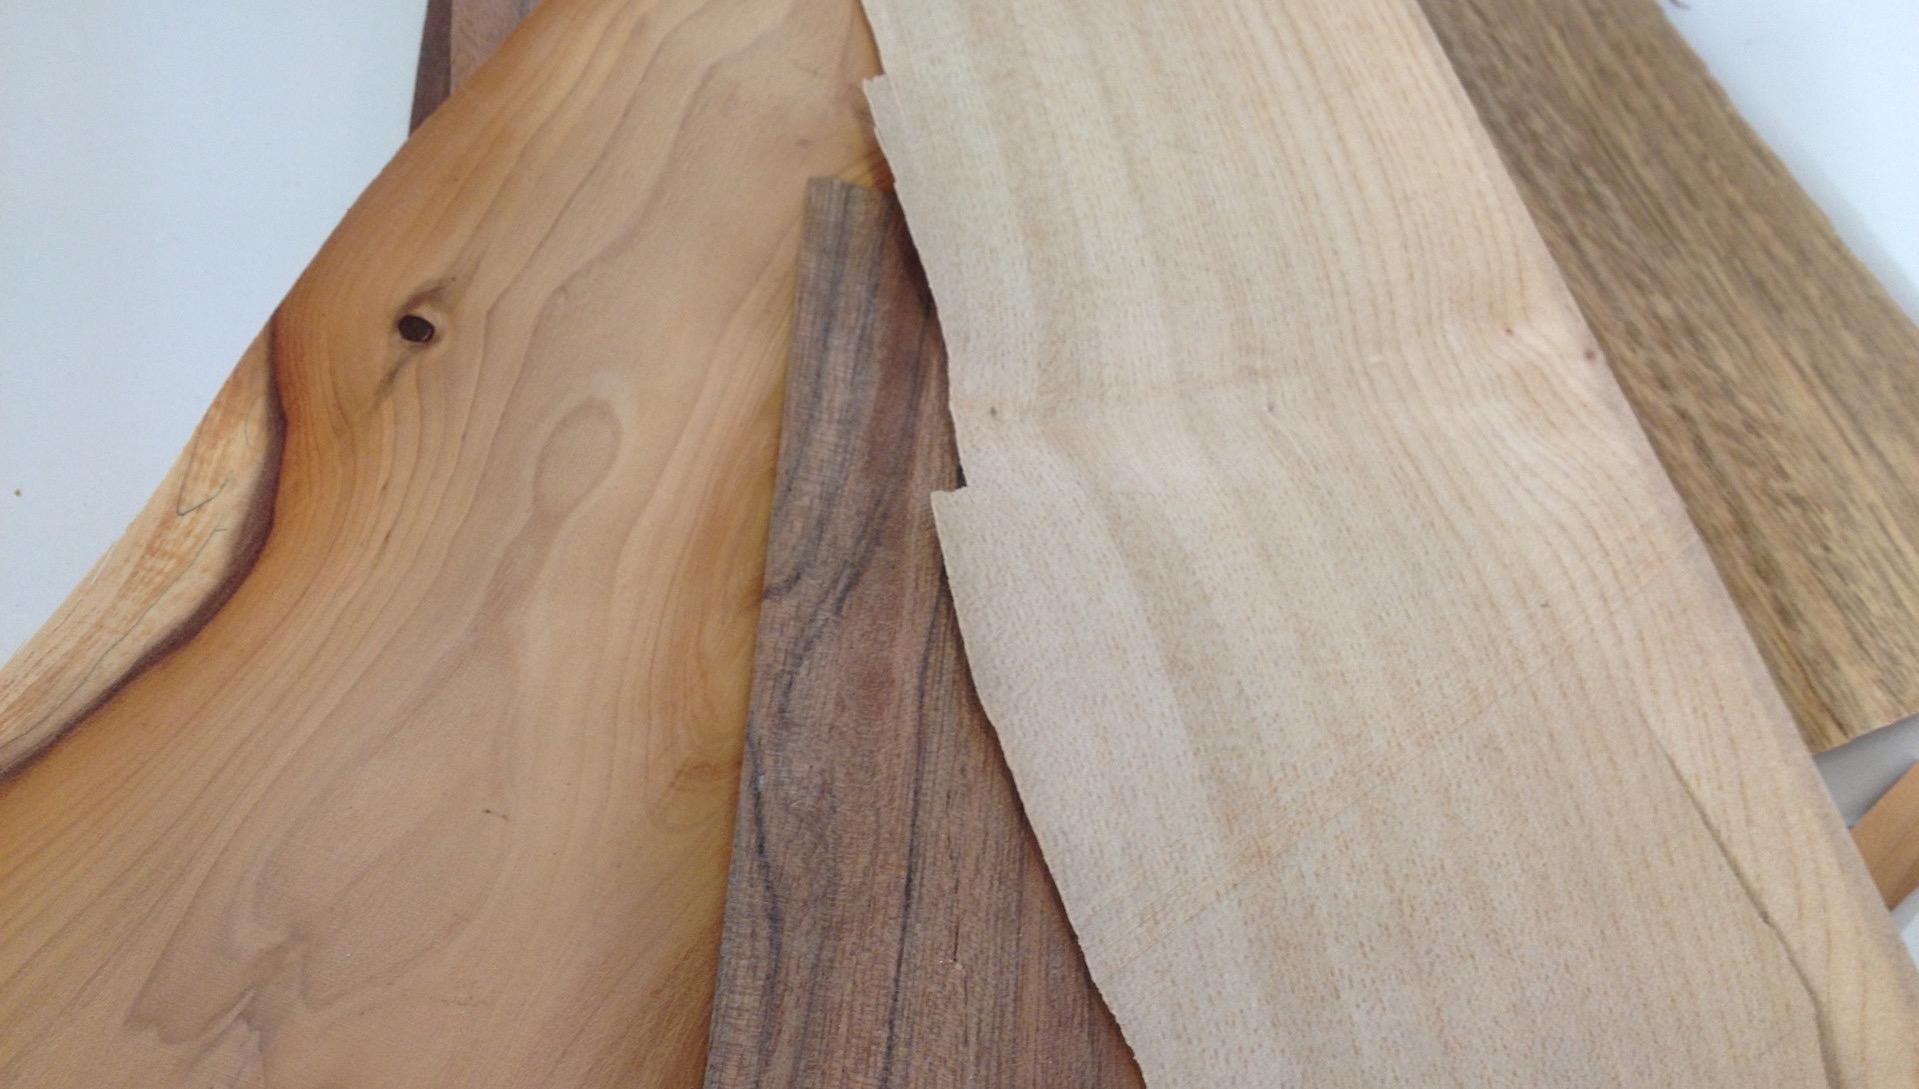 Wood grain | Janie Morris